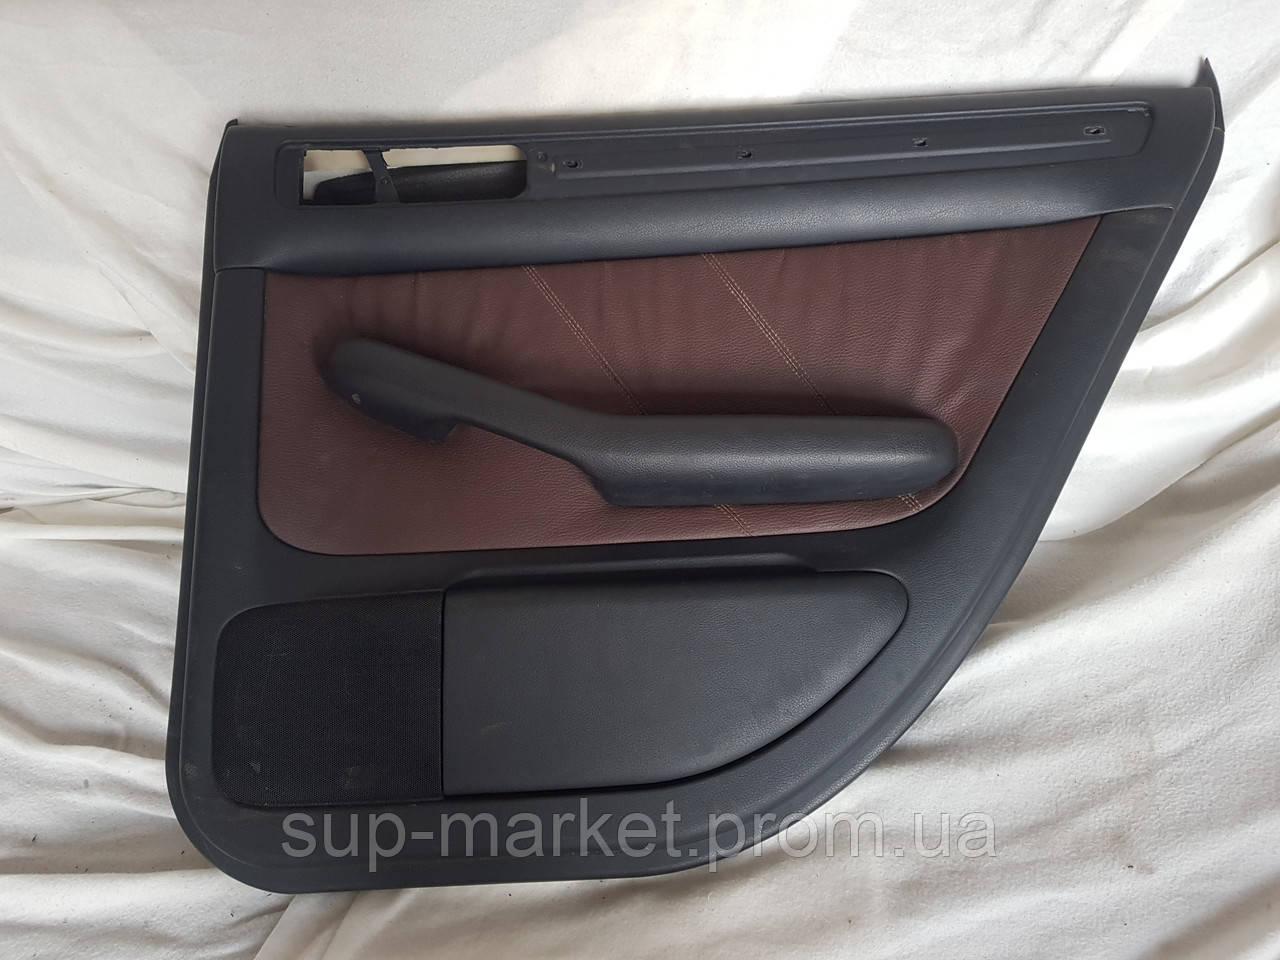 4B0867306 Карта,обшивка двери задней правой для VAG A6 C5 2.5TDI 1997-2004